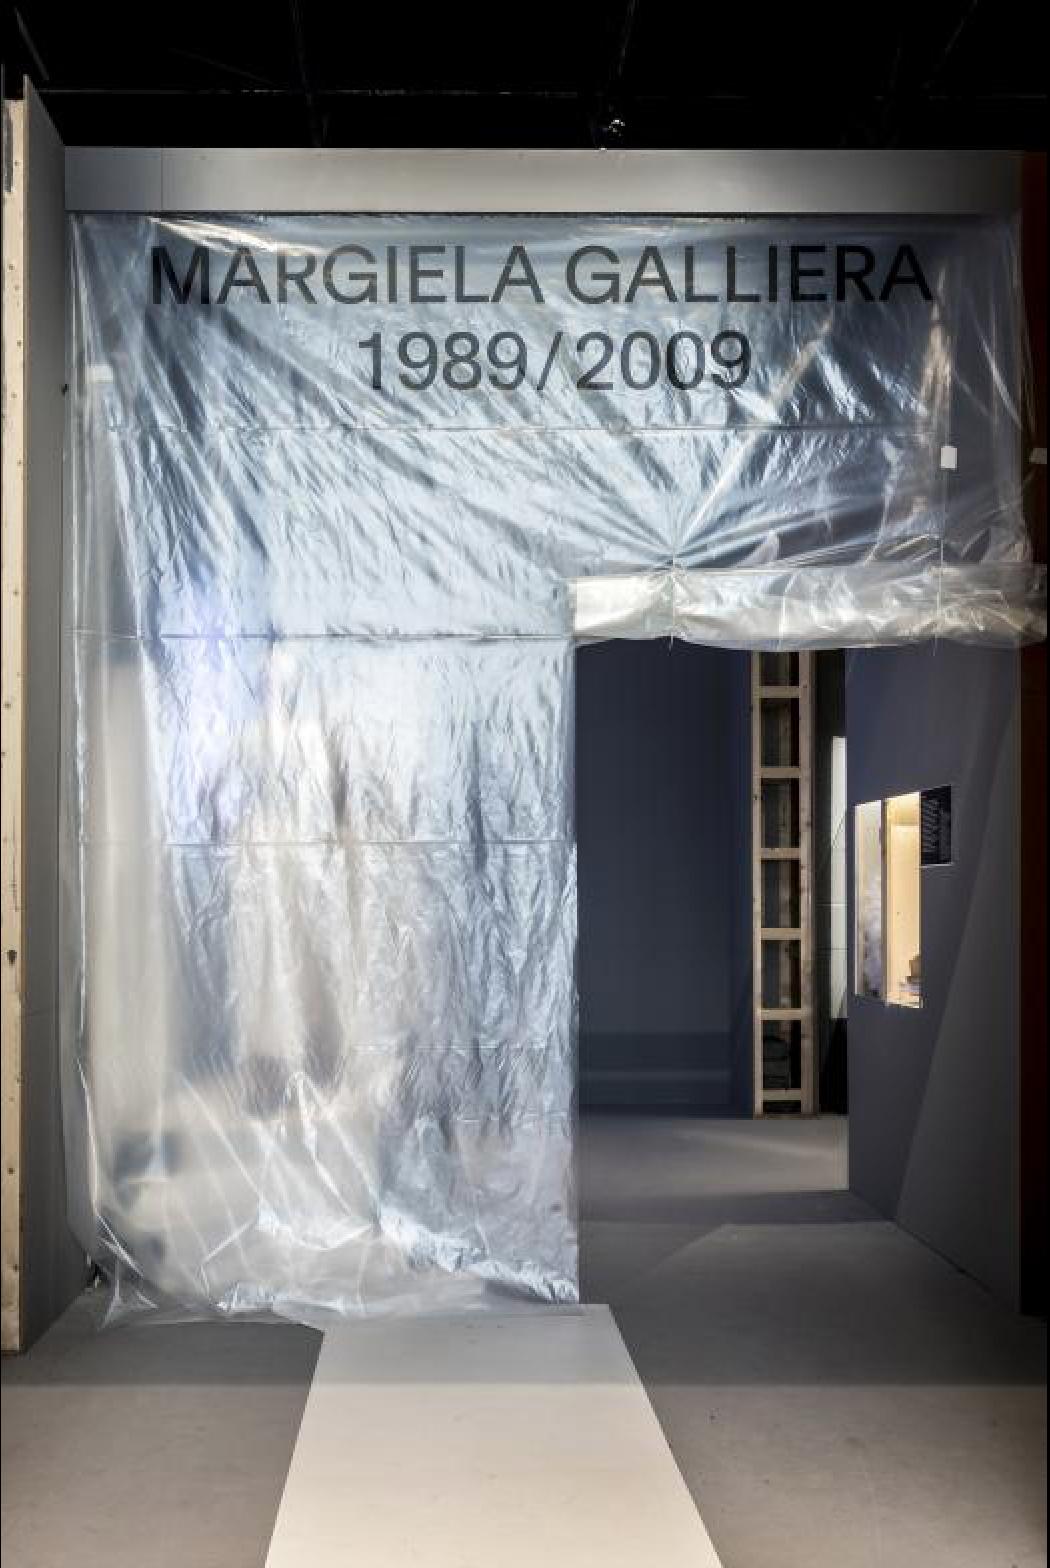 今年Martin Margiela操刀的藝術品將首次展出